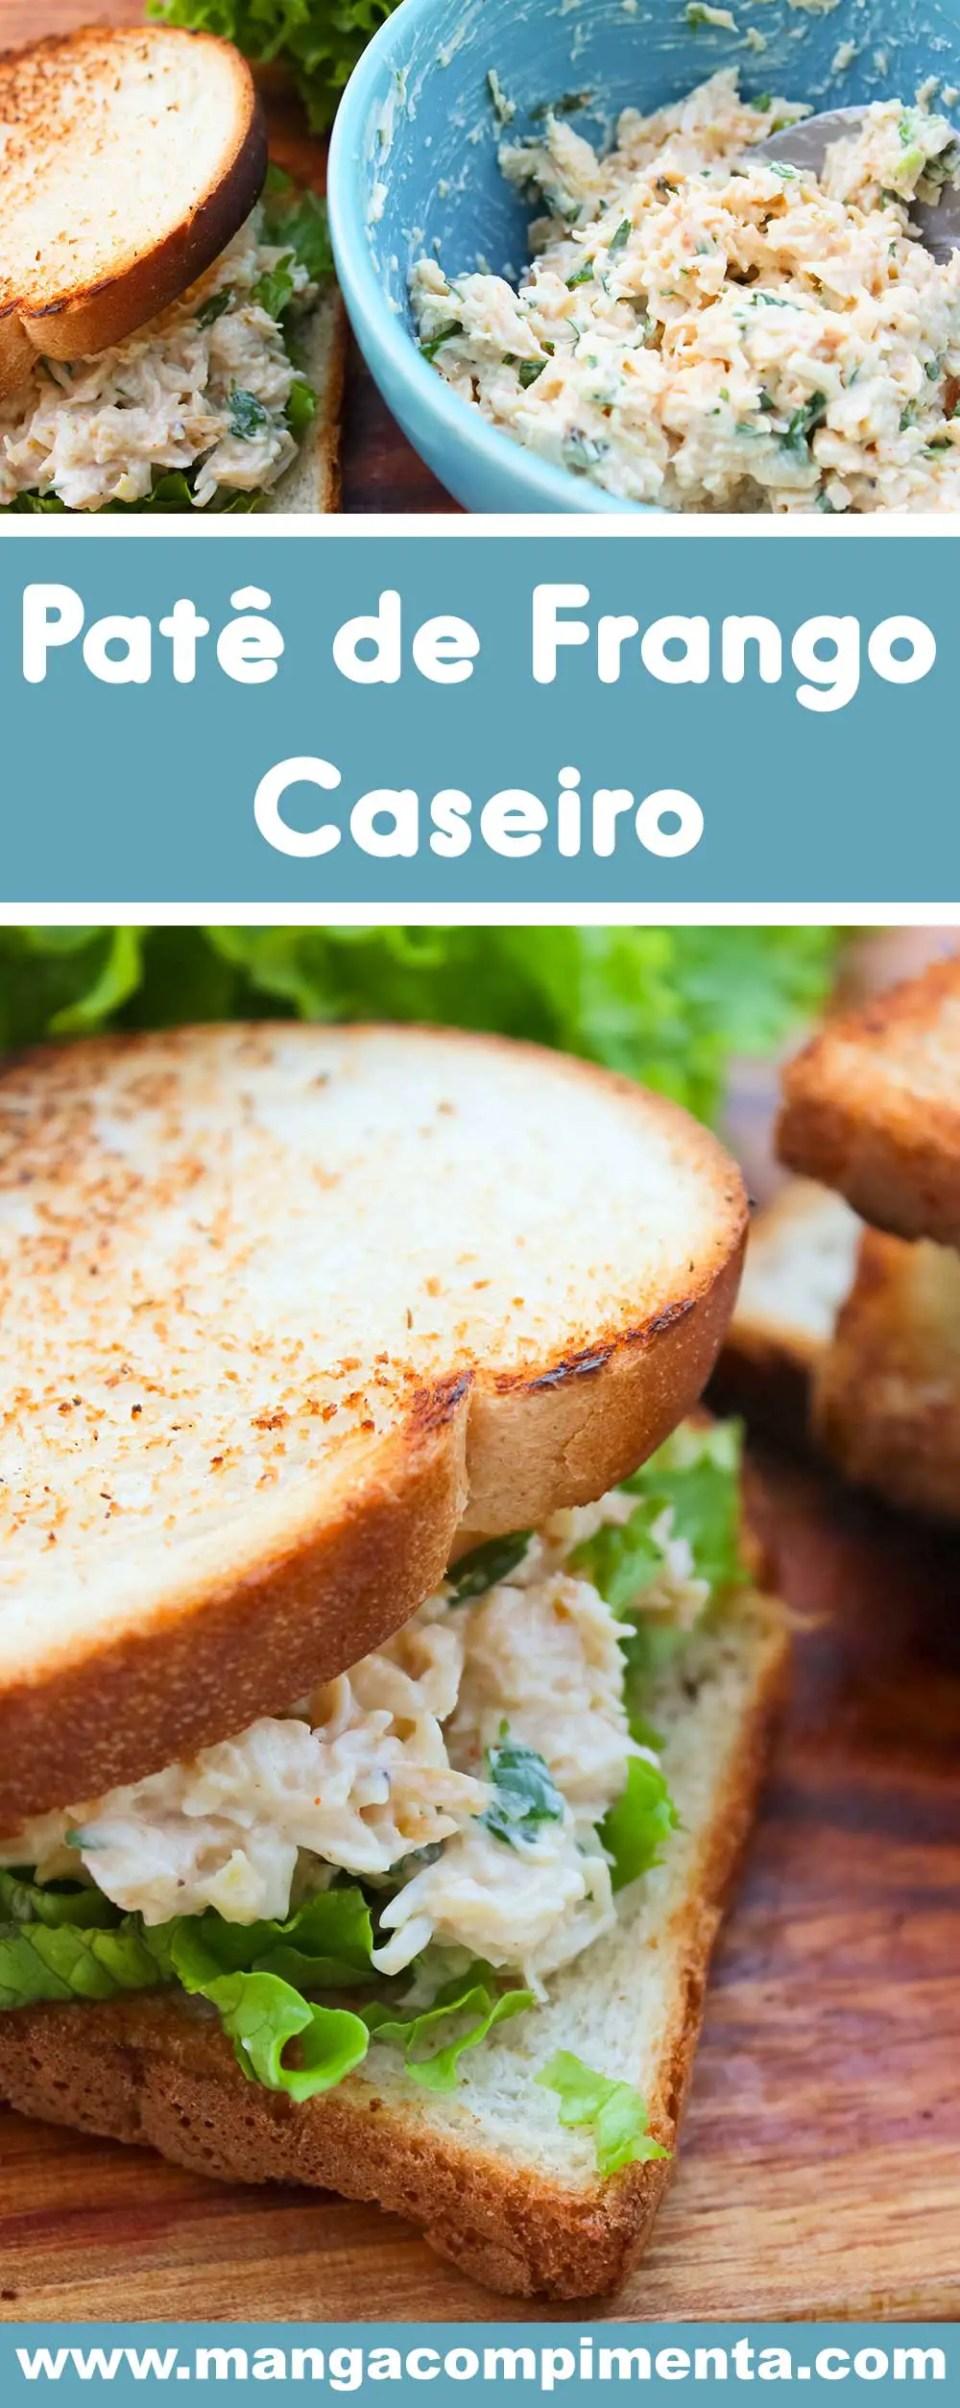 Receita de Patê de Frango Caseiro Delicioso! Para preparar um lanche ou petisco para o café da tarde.